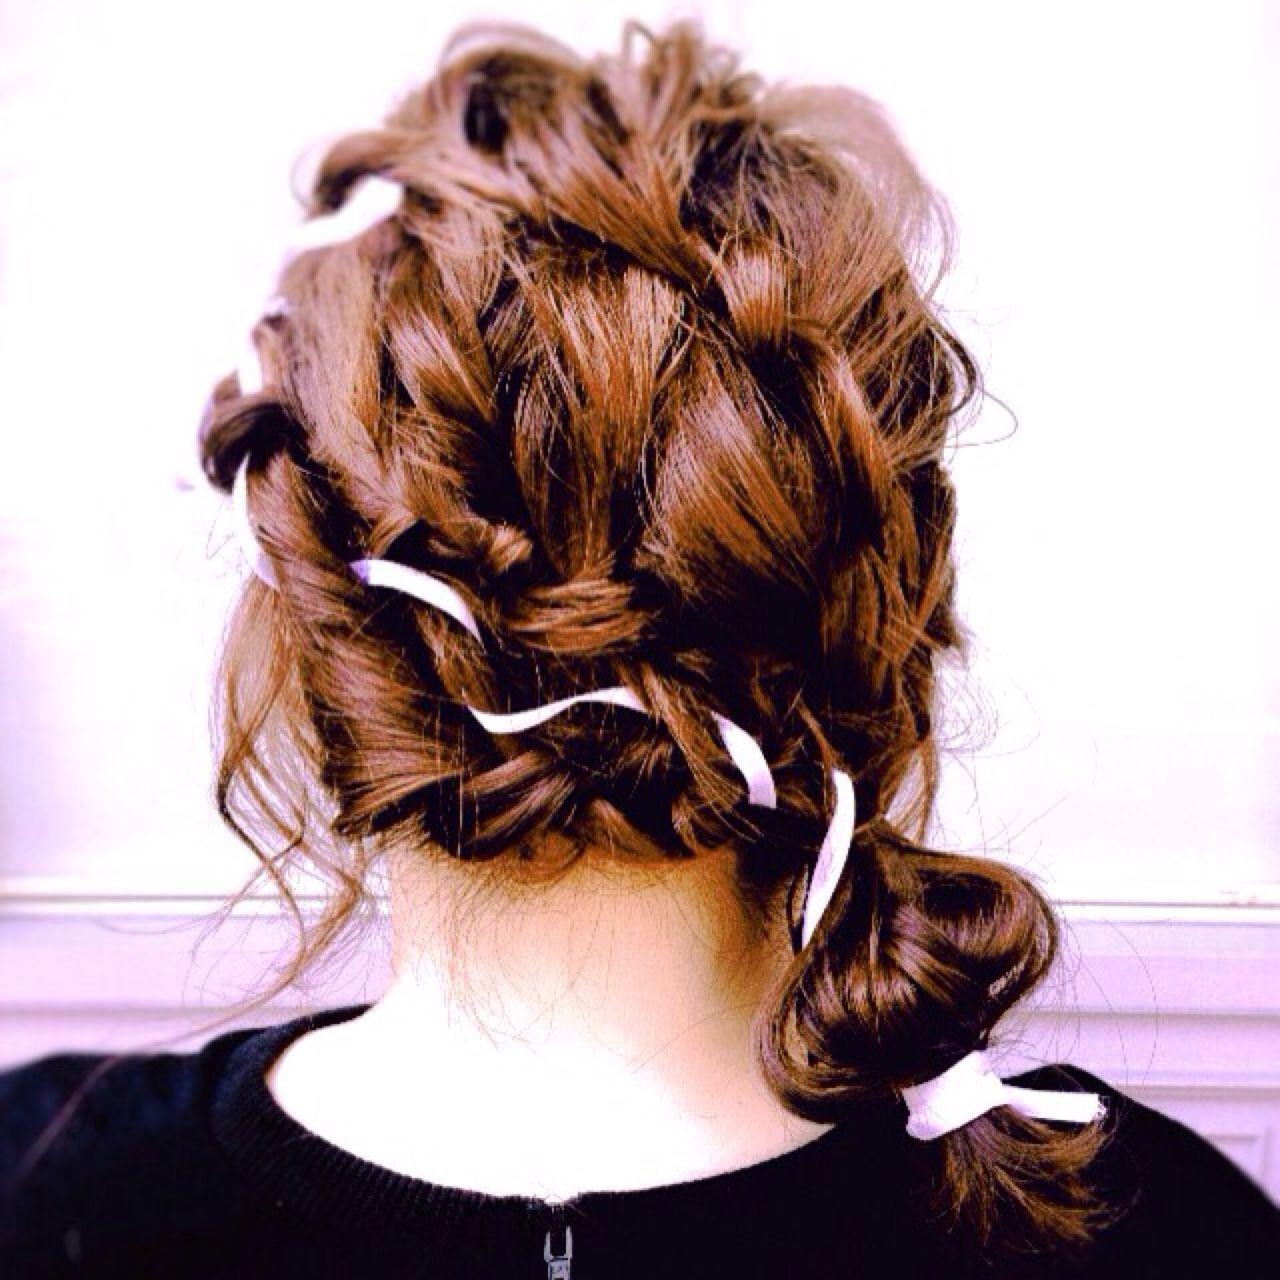 ナチュラル 編み込み ヘアアレンジ 結婚式 ヘアスタイルや髪型の写真・画像